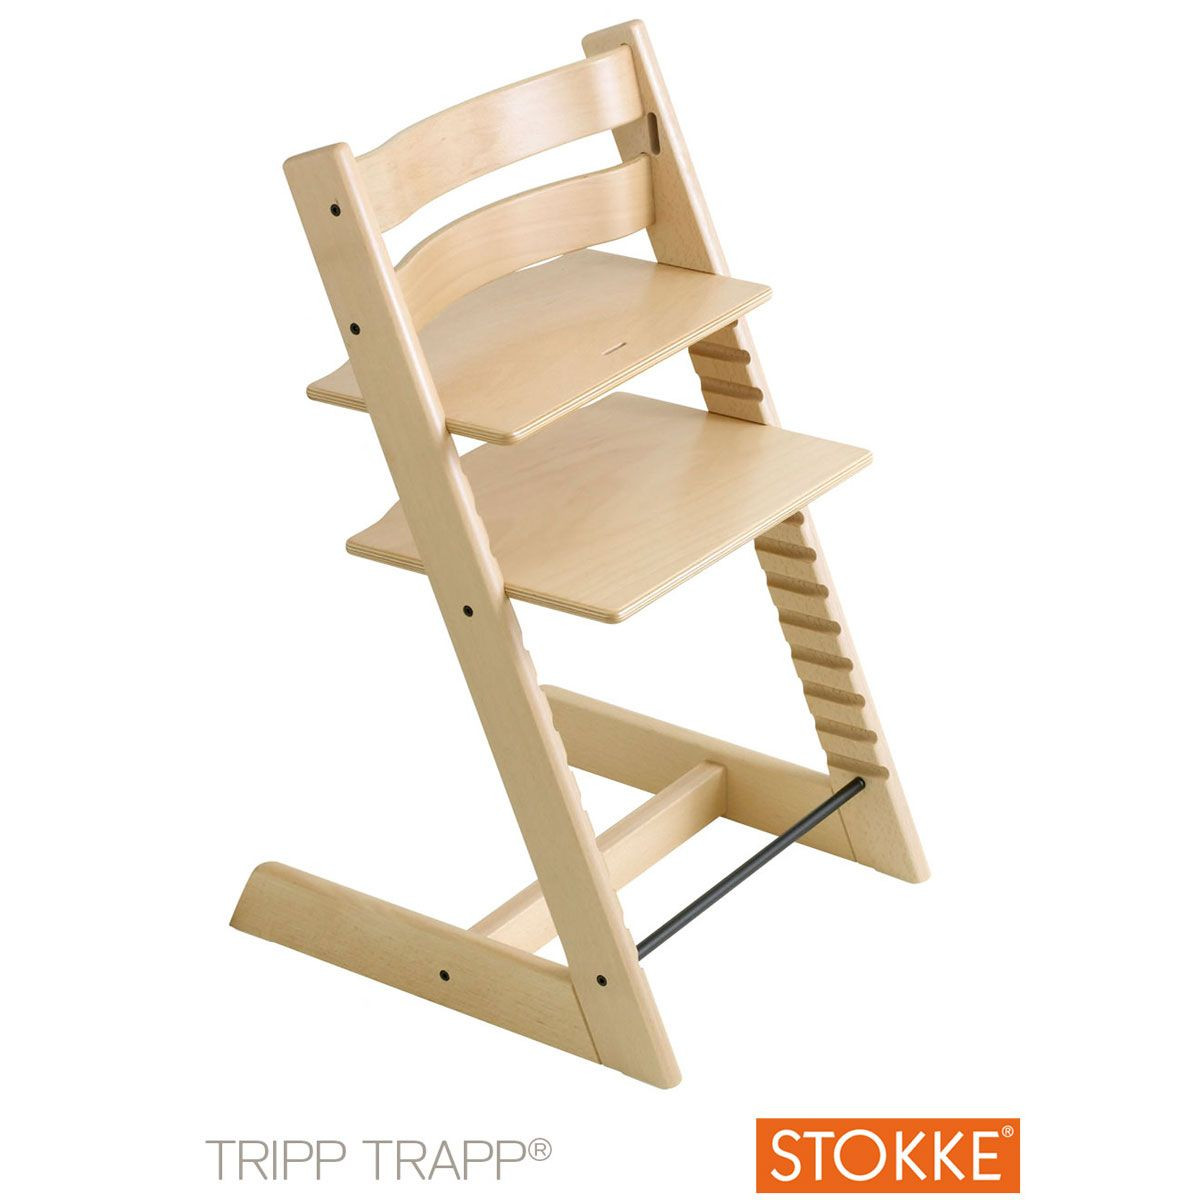 Chaise tripp trapp stokke avis - Chaise haute qui s accroche a la table ...